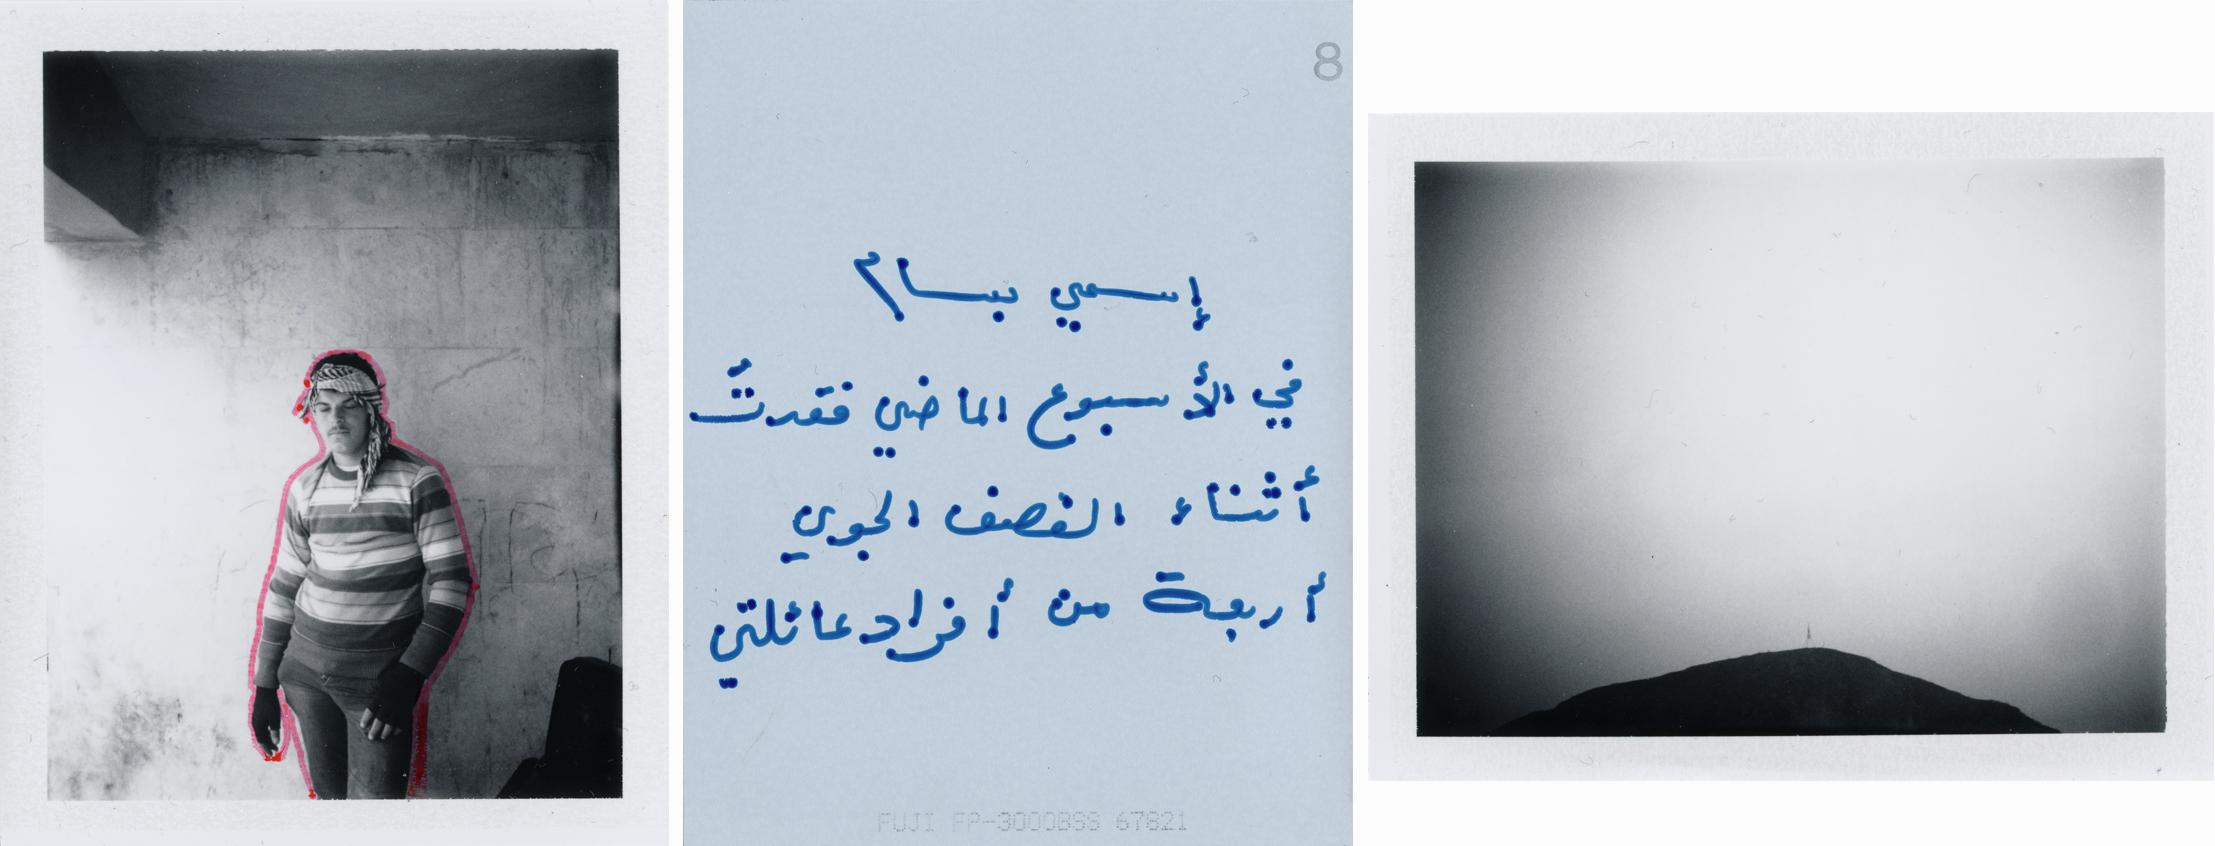 בסאם: בשבוע שעבר איבדתי ארבעה קרובי משפחה בהפצצה אווירית (צילום: סיהד קאנר)